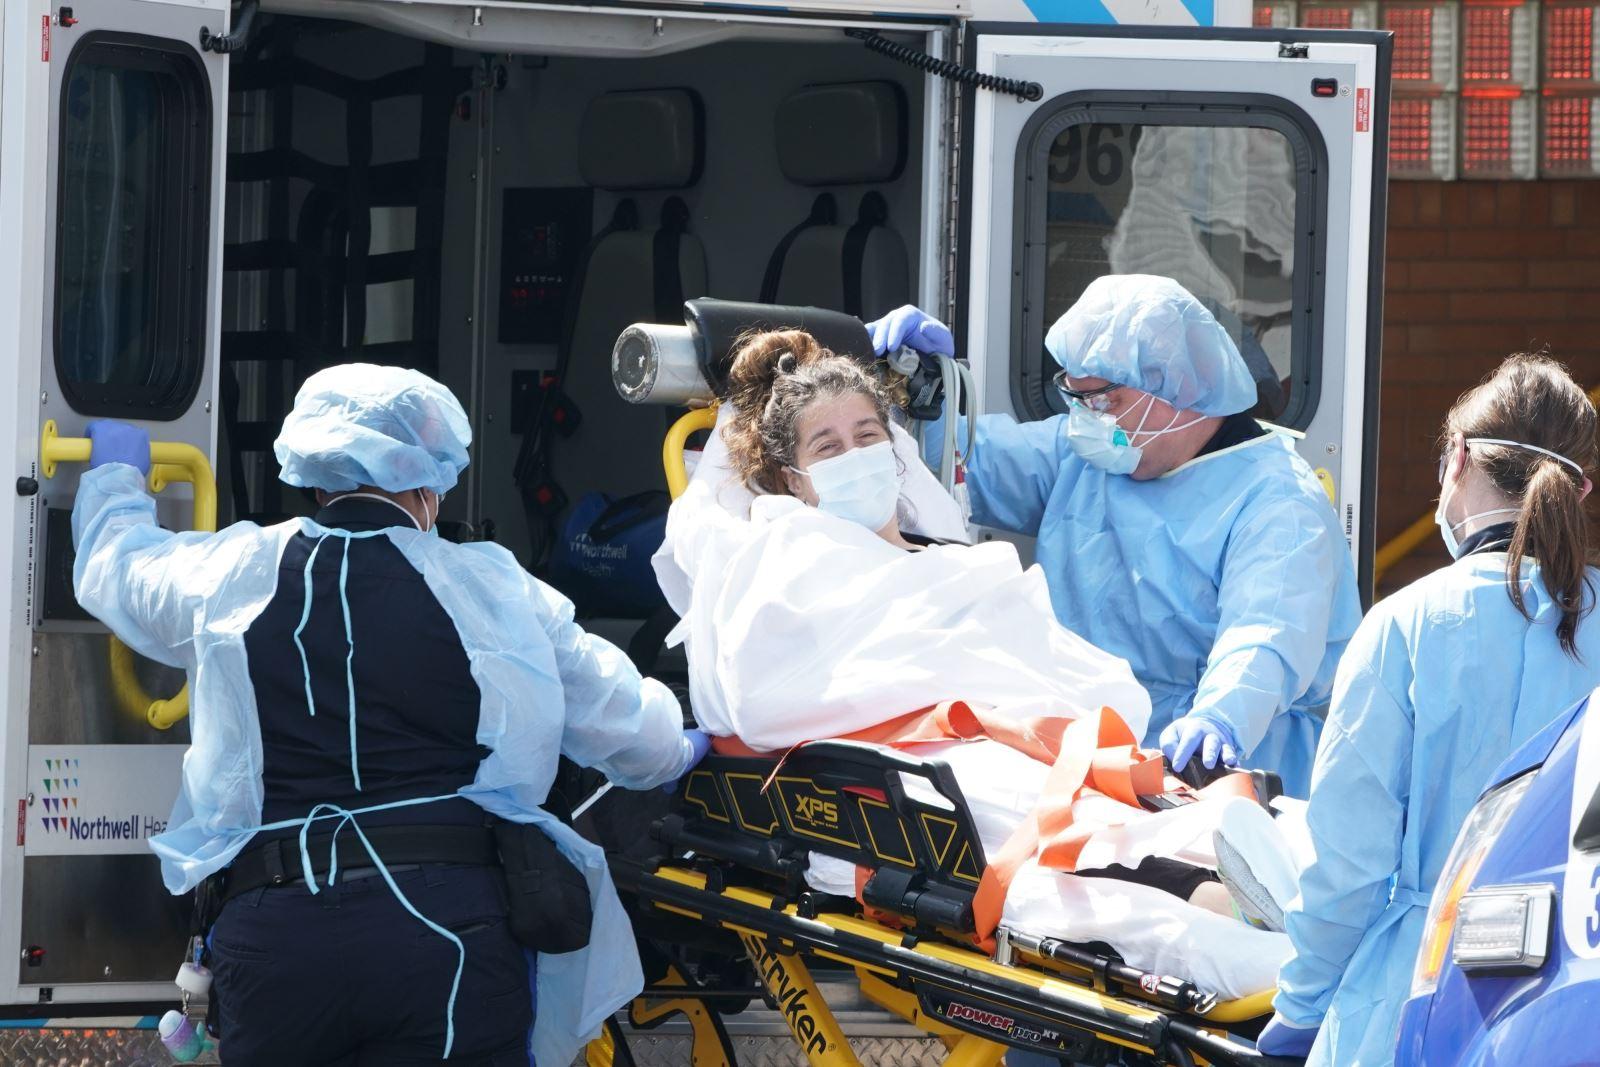 Nghi vấn SARS-CoV-2 gây tử vong thông qua xâm lấn tim - Ảnh 1.